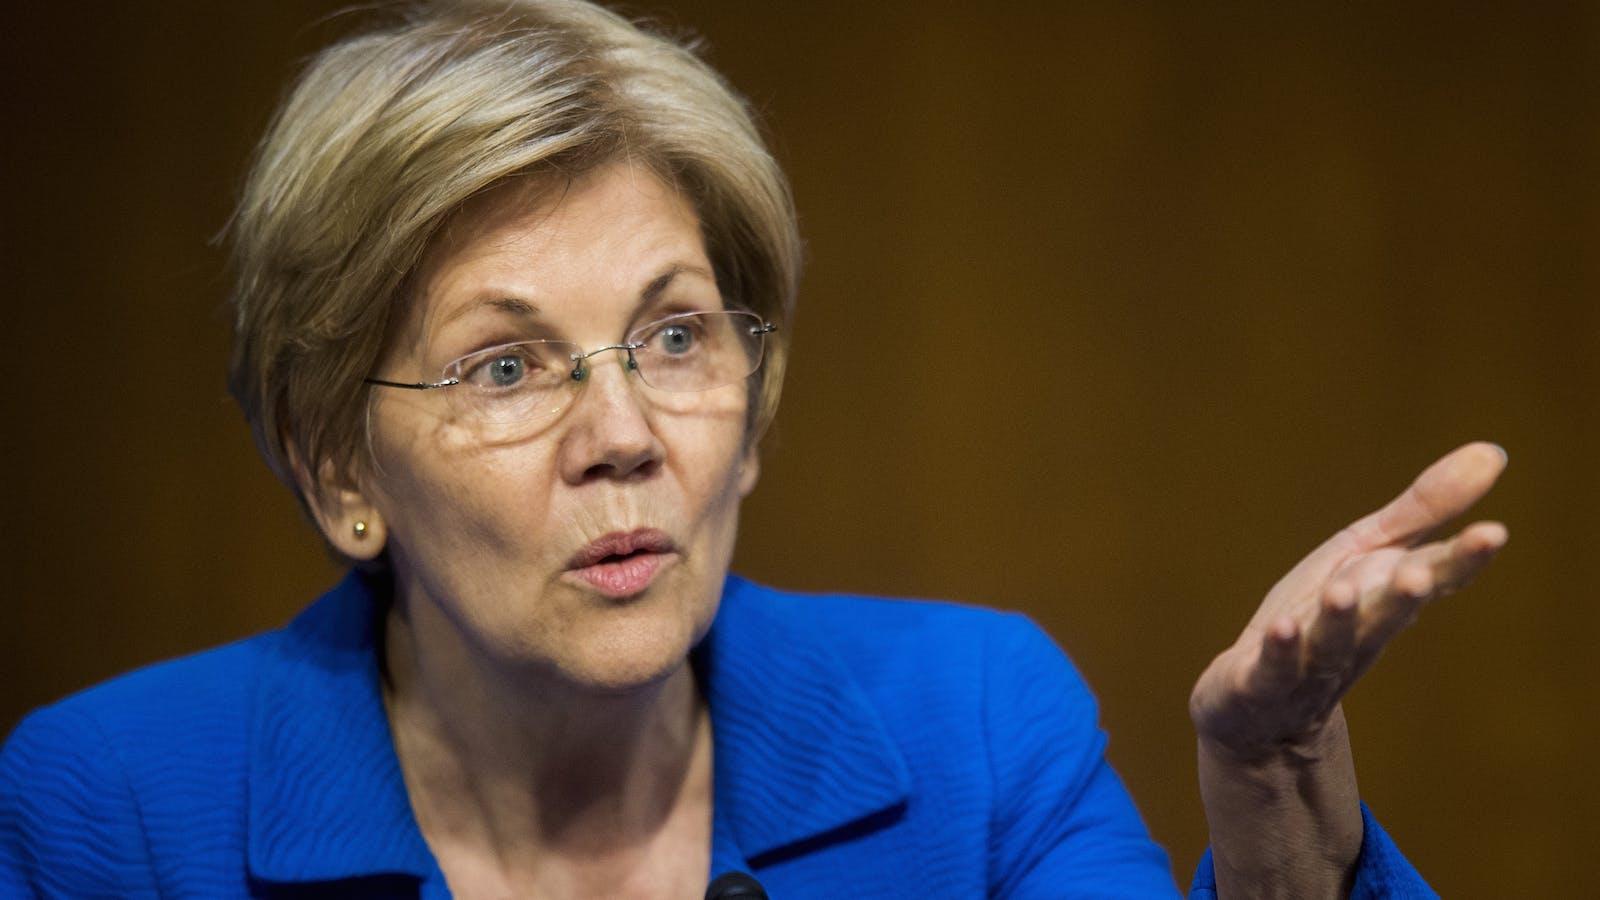 Sen. Elizabeth Warren. Photo by Bloomberg.